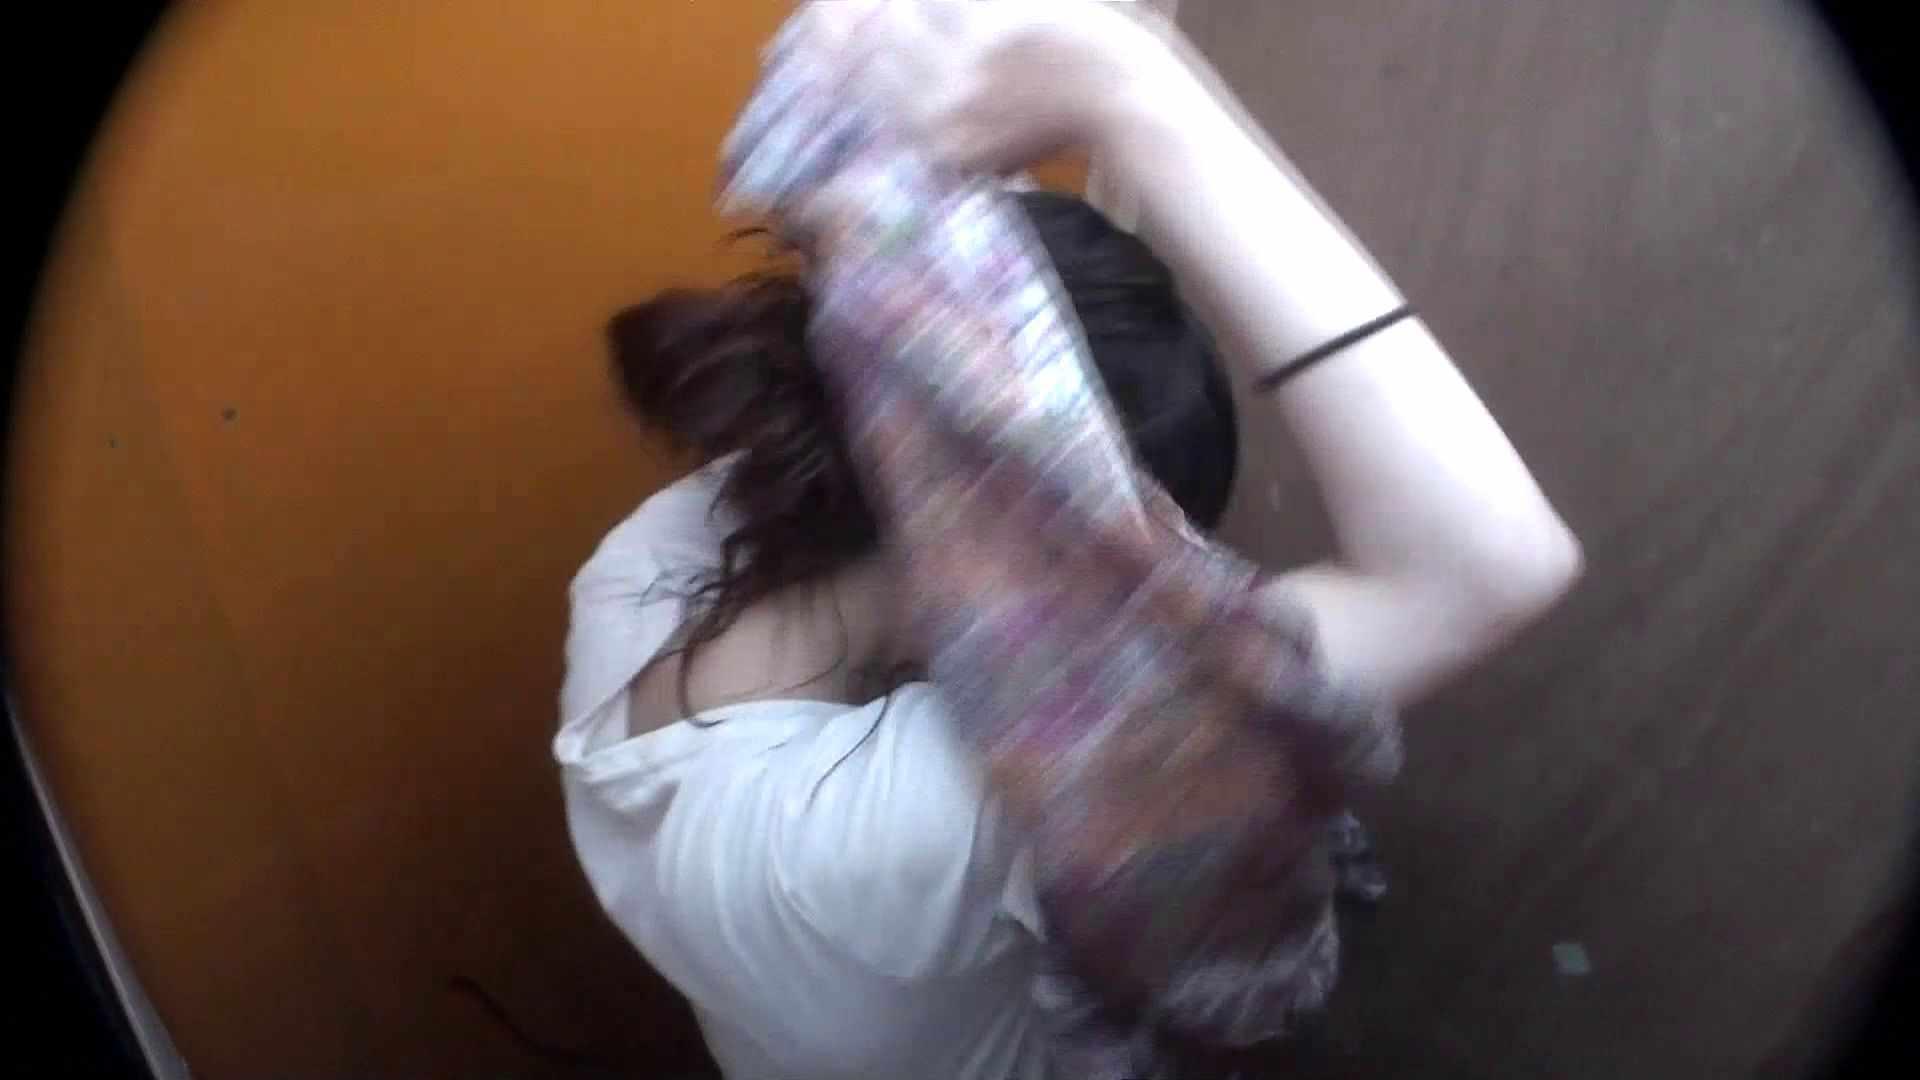 シャワールームは超!!危険な香りVol.29 こっちを向いて欲しい貧乳姉さん 貧乳 AV動画キャプチャ 78pic 15